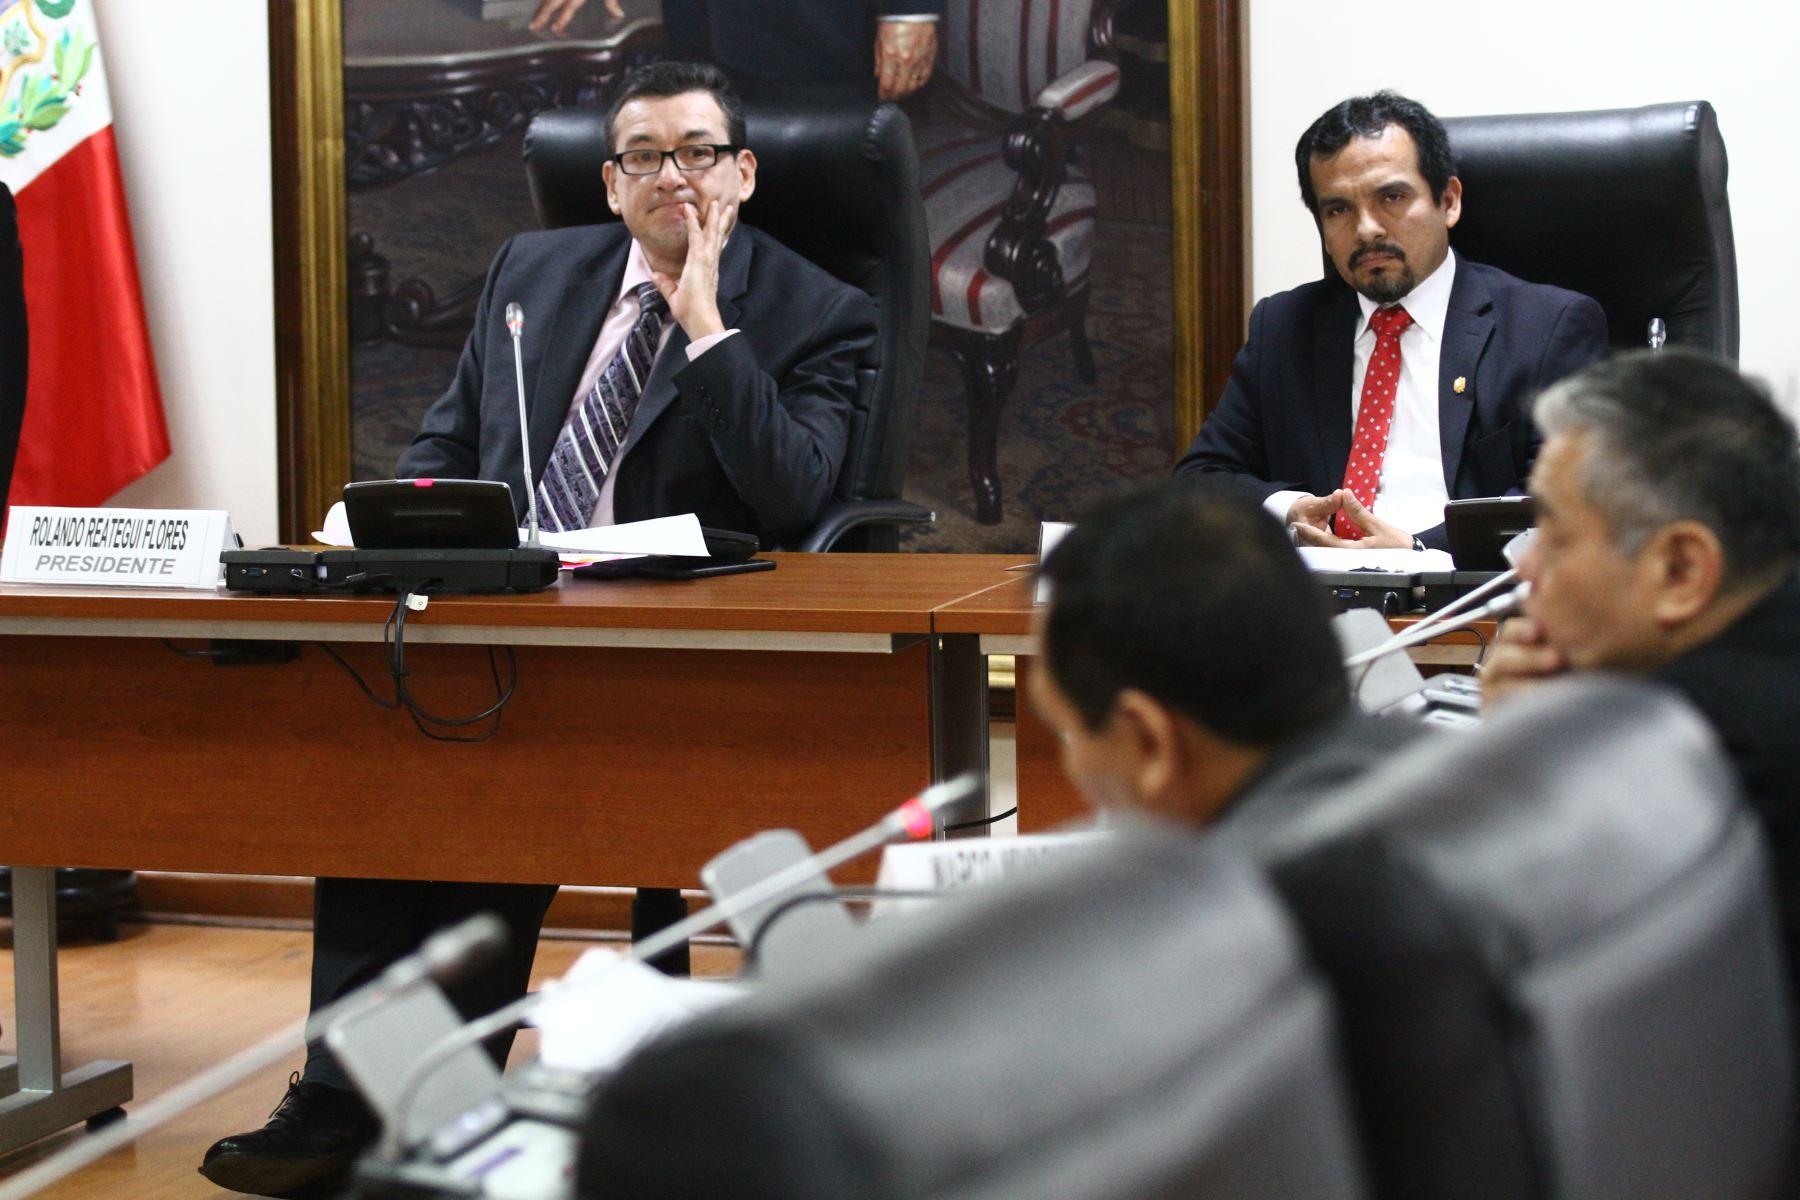 Abogado de Humala considera que Fiscalización hace imputaciones temerarias — Caso Emerson Fasabi